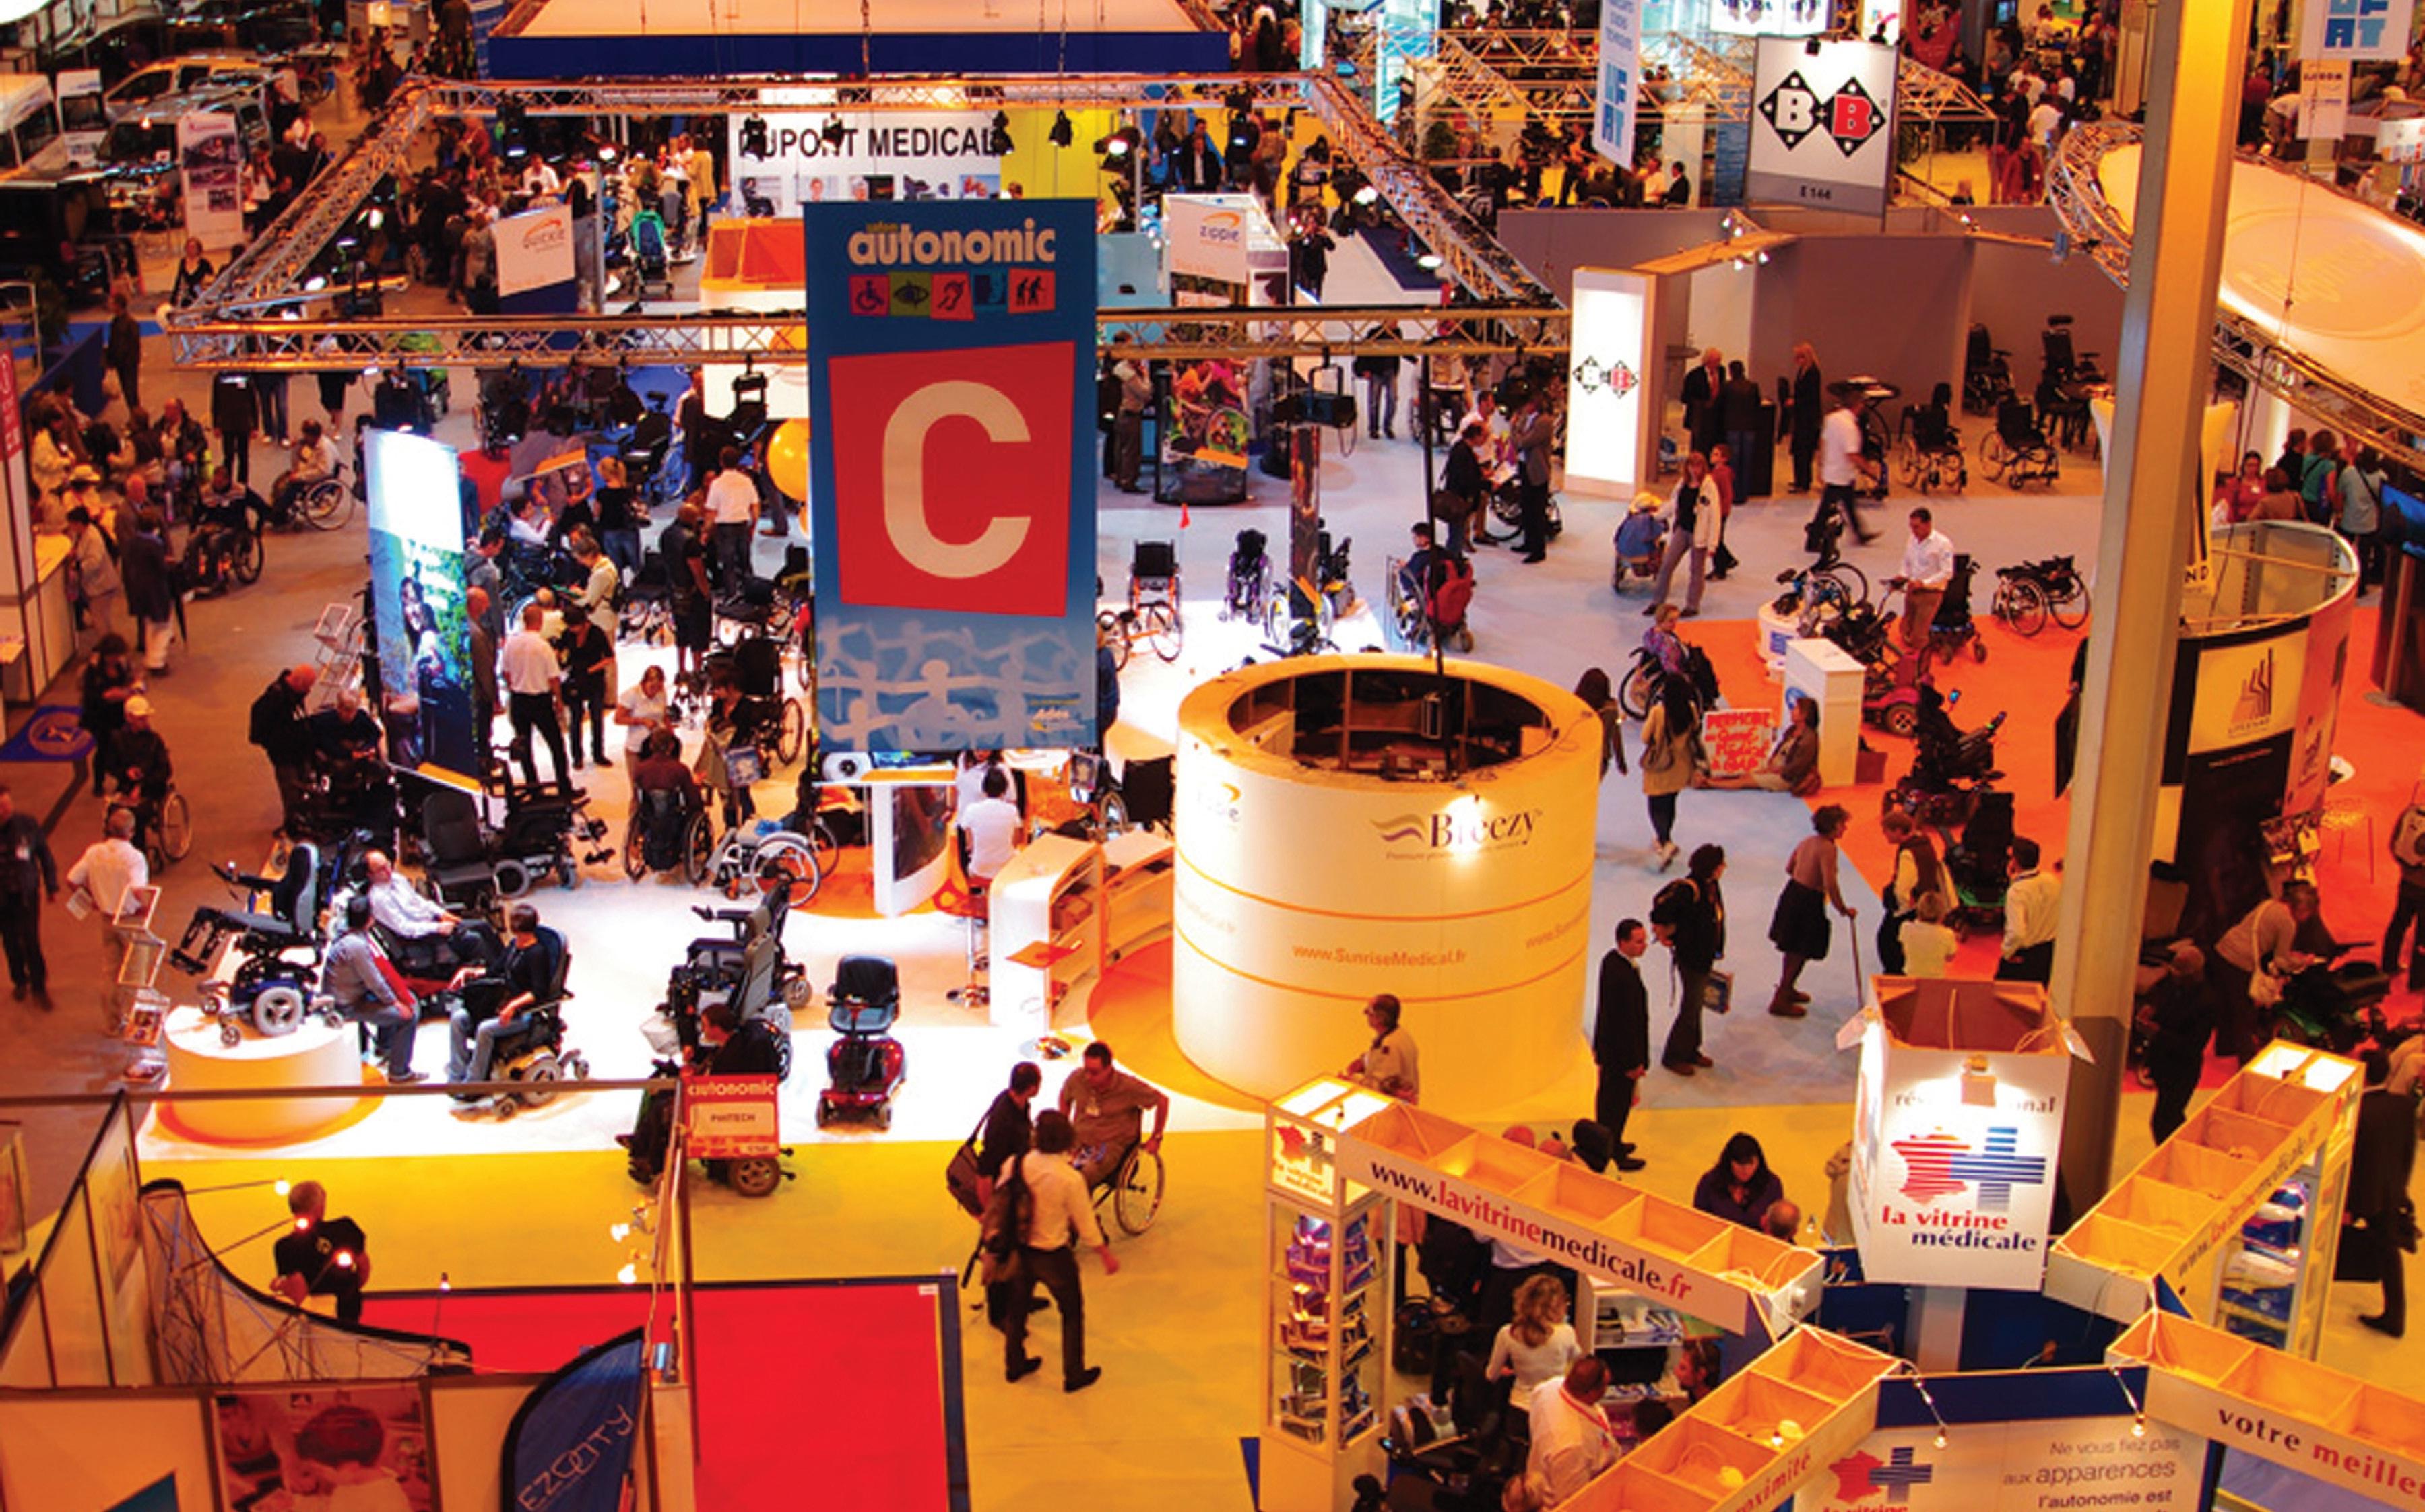 Les 18 et 19 octobre prochains, le Parc des Expositions de Metz Métropole accueillera la 6ème édition du Salon Autonomic Grand Est, le rendez-vous incontournable autour du handicap et de l'accessibilité.